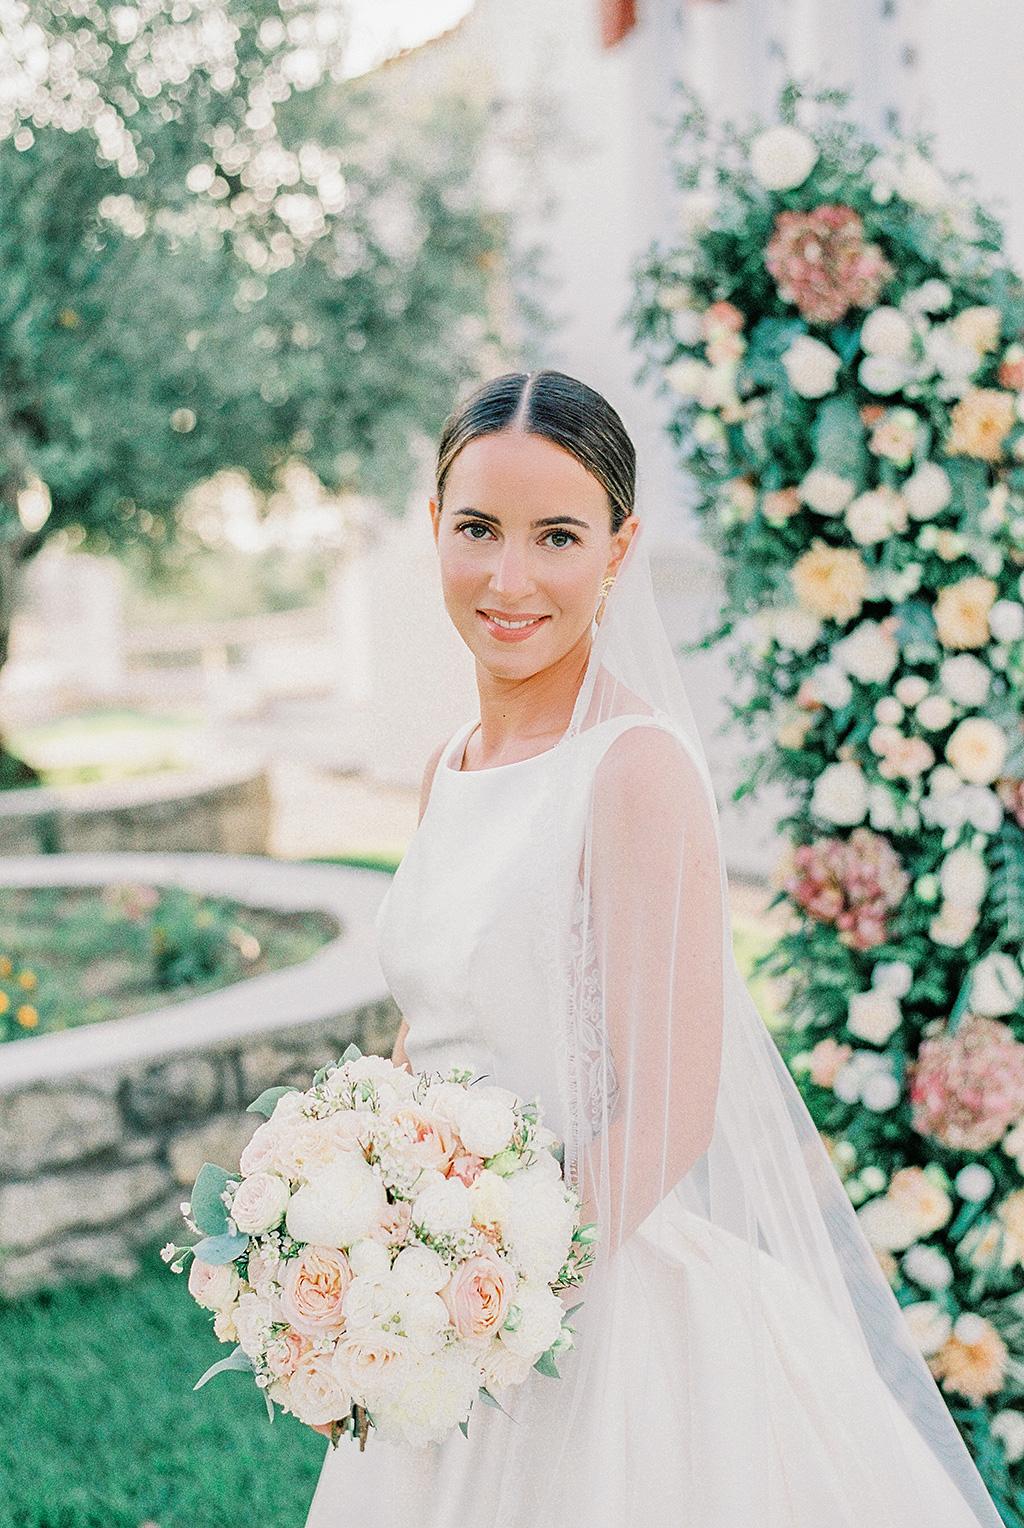 Φωτογράφος γάμου Χαλκιδική, adorable bride with beautiful bouquet from kipos kalou flower, Φωτογράφος γάμου Χαλκιδική, shot with film fuji 400h pro